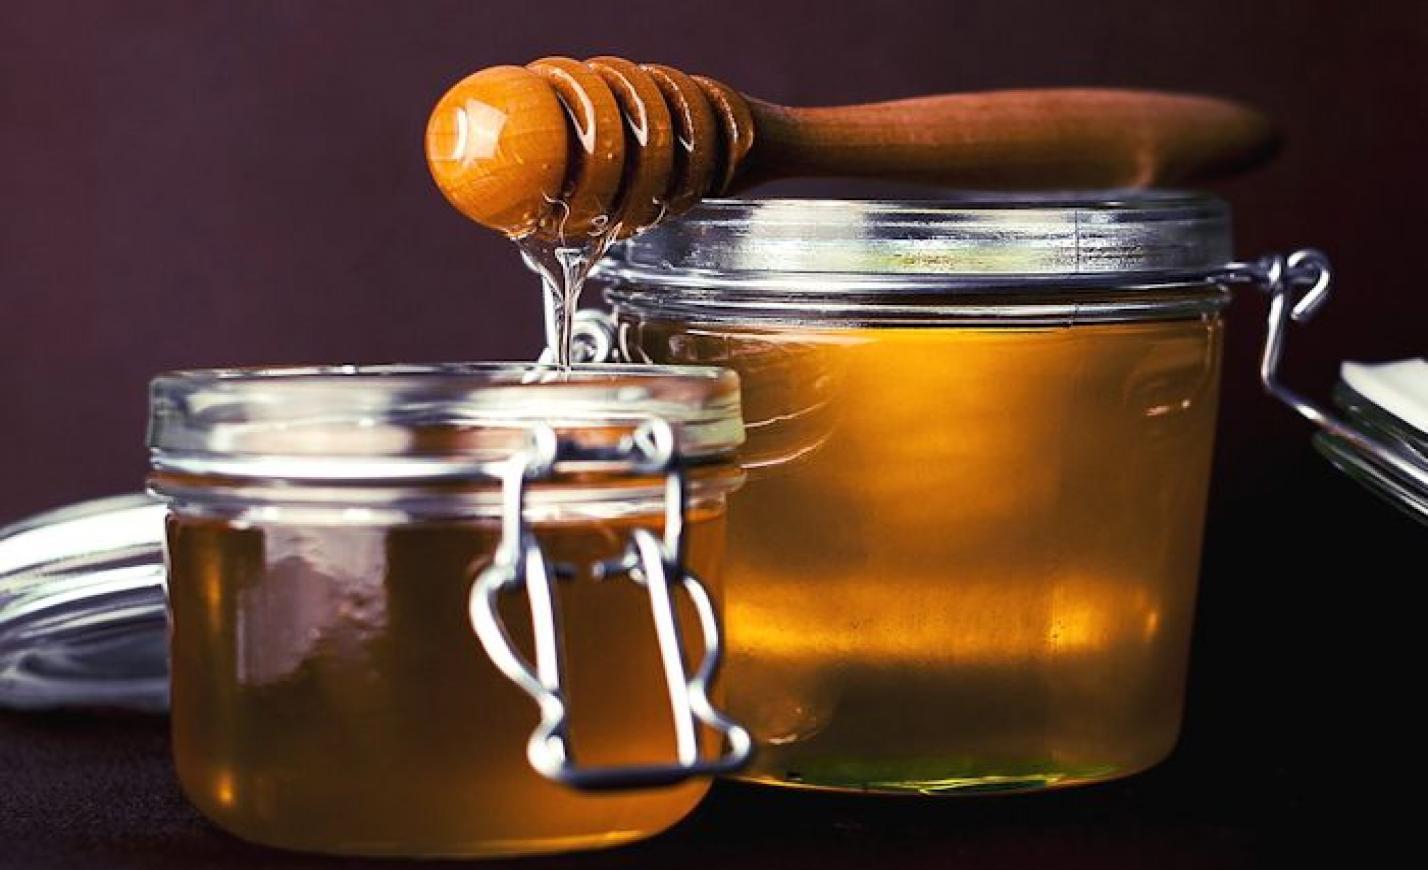 Összefogásra van szükség a jó minőségű magyar termék piacra jutásához